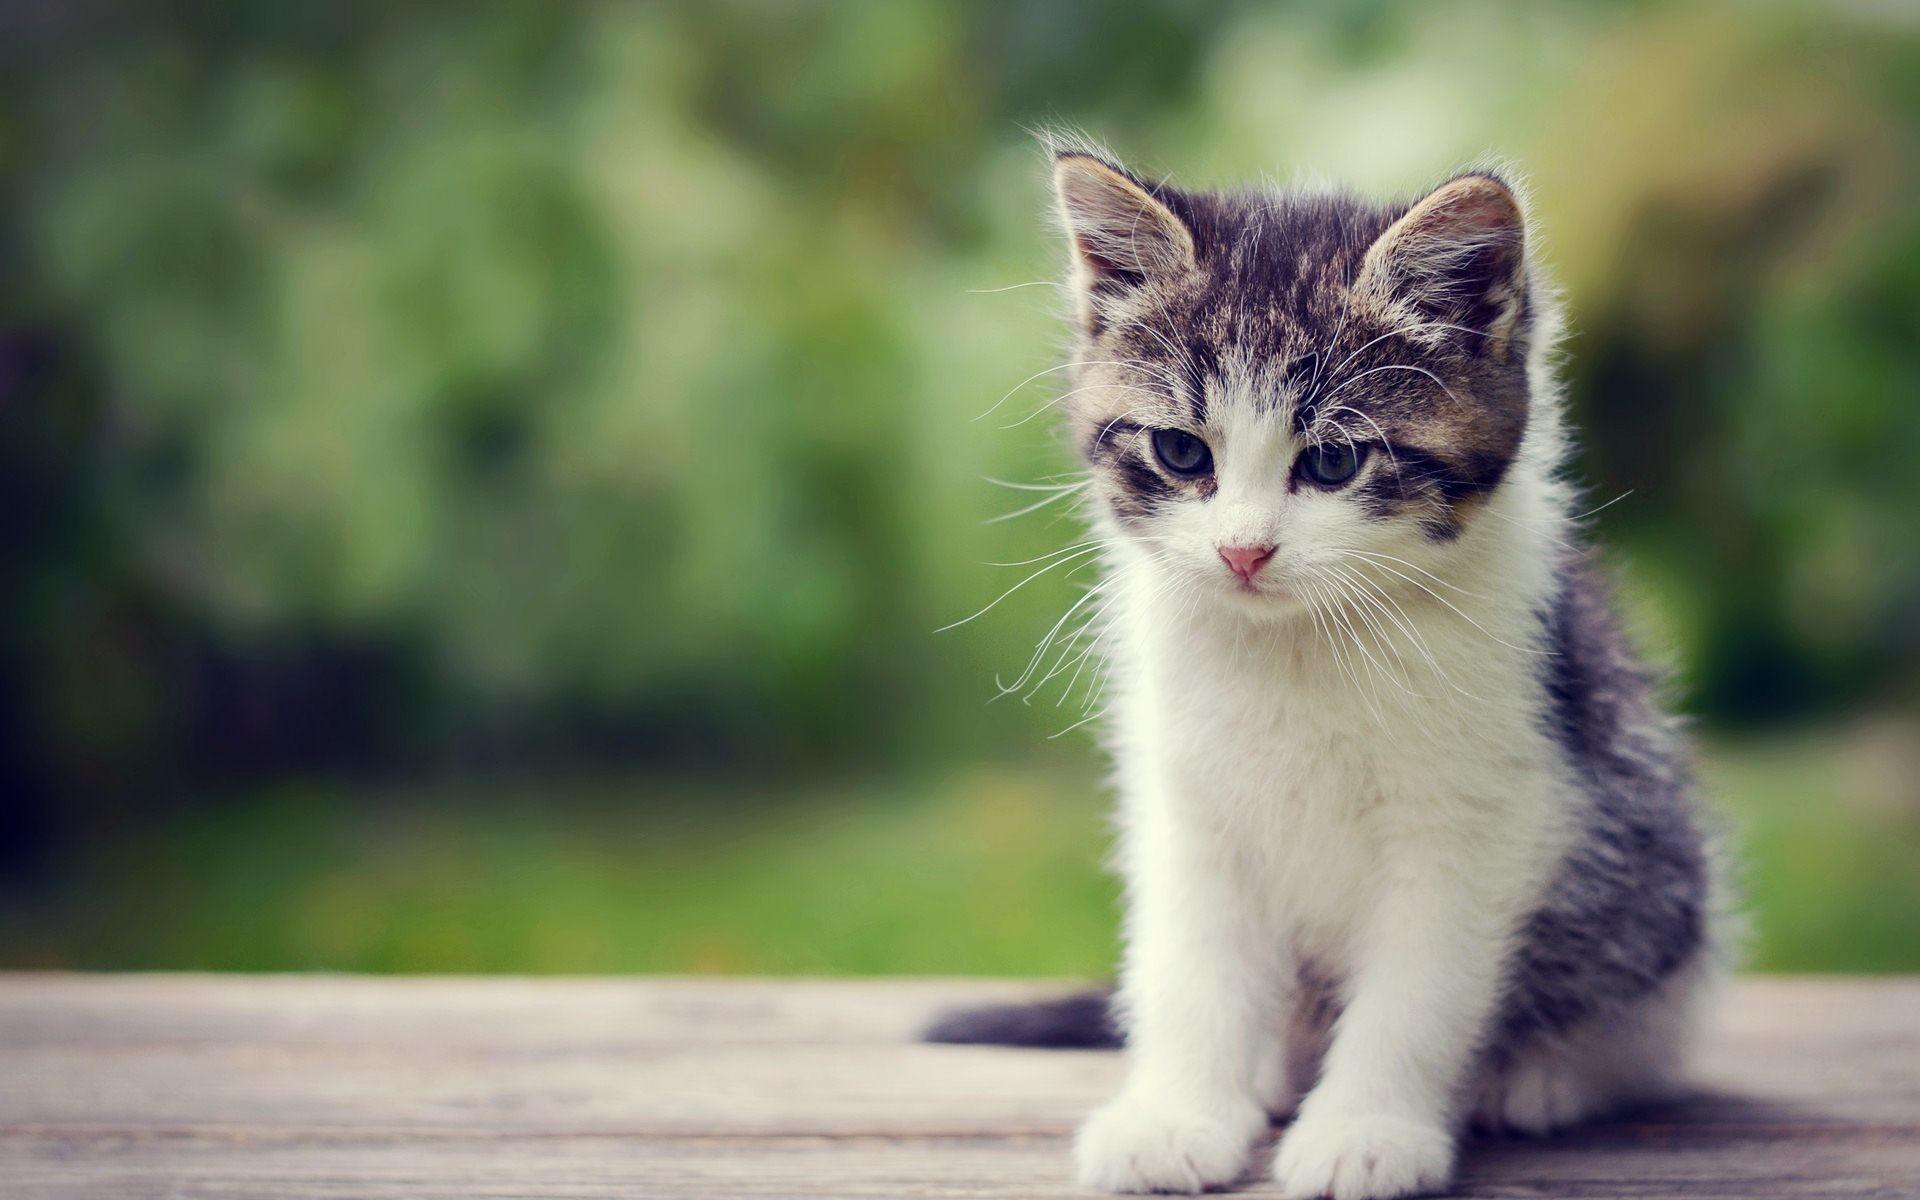 Cute Little Kitten Exclusive HD Wallpapers #6811